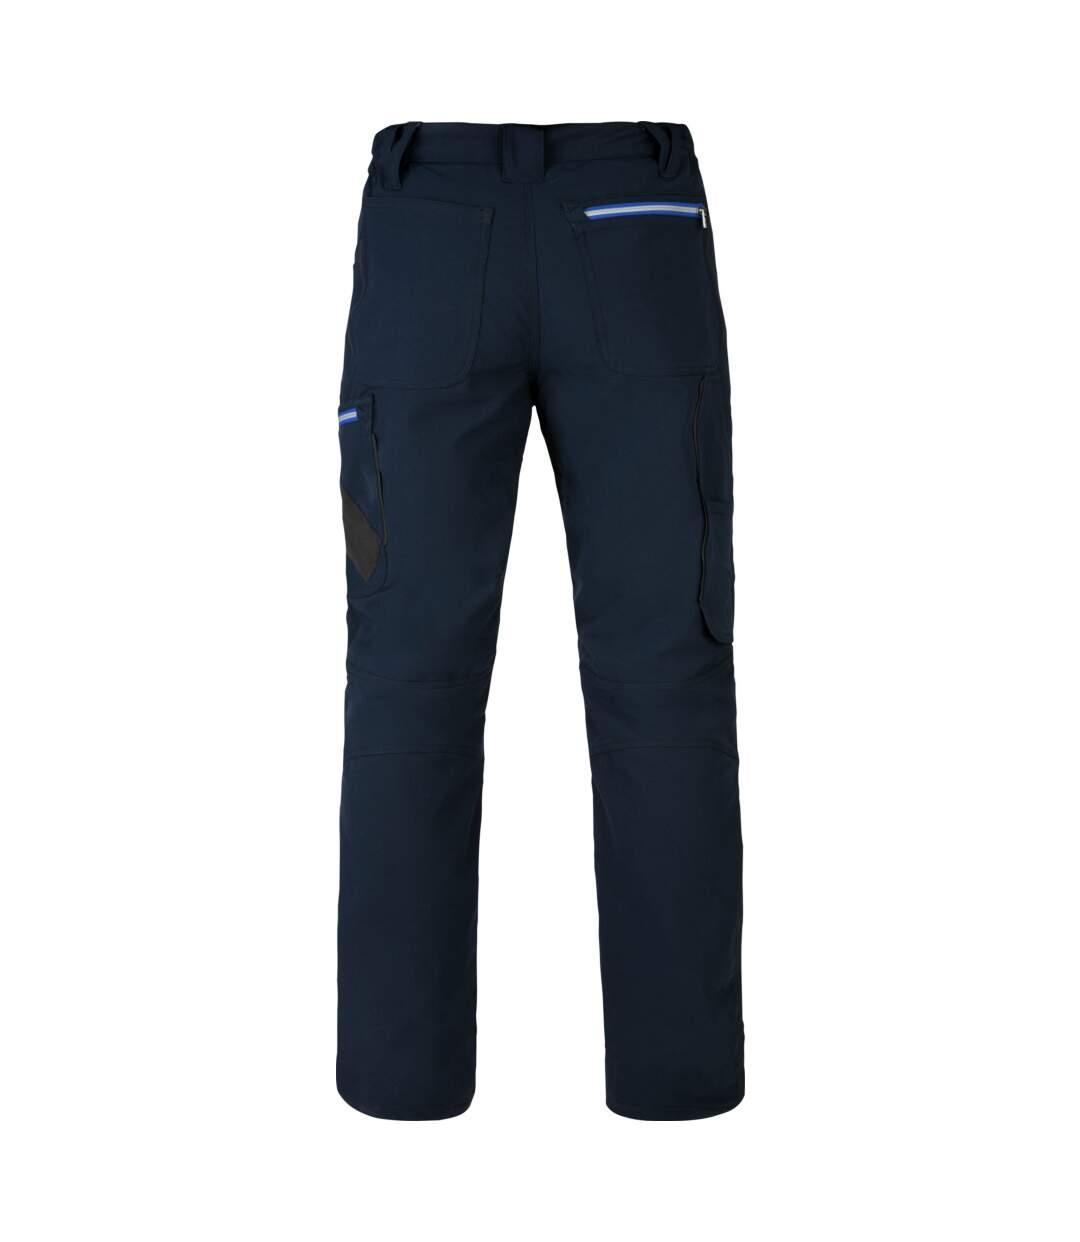 Pantalon de travail Stretch Evolution Würth MODYF Bleu Royal